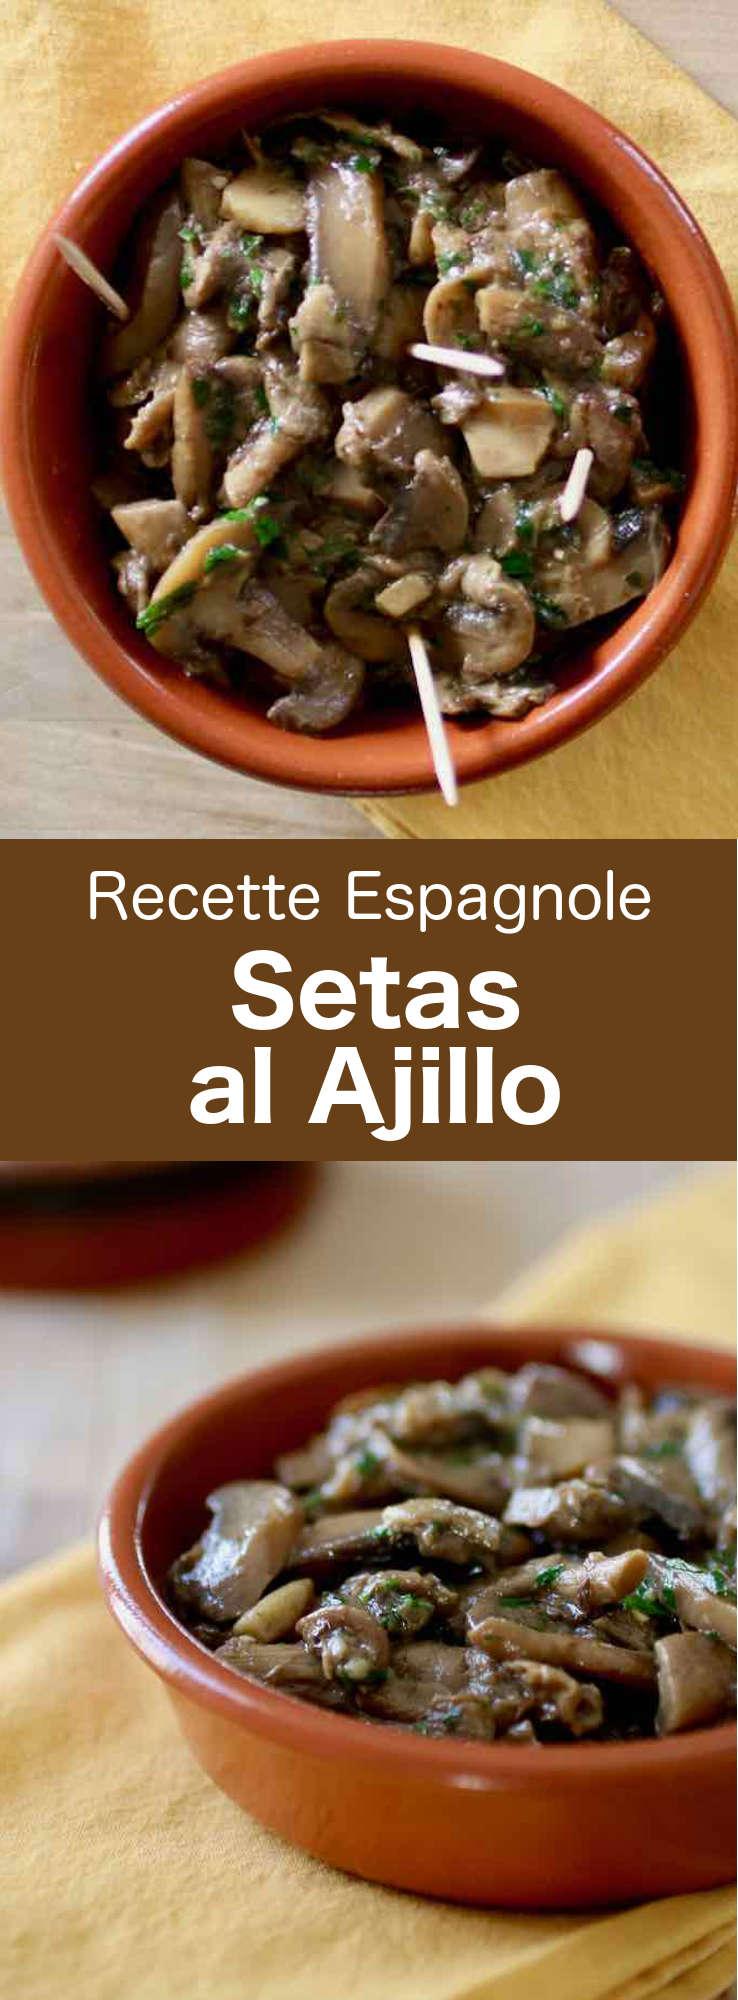 Les setas al ajillo ou champiñones al ajillo sont des tapas espagnoles préparées avec des champignons sautés à l'ail et au vin blanc et garnies de persil. #Espagne #CuisineEspagnole #RecetteEspagnole #CuisineDuMonde #196flavors